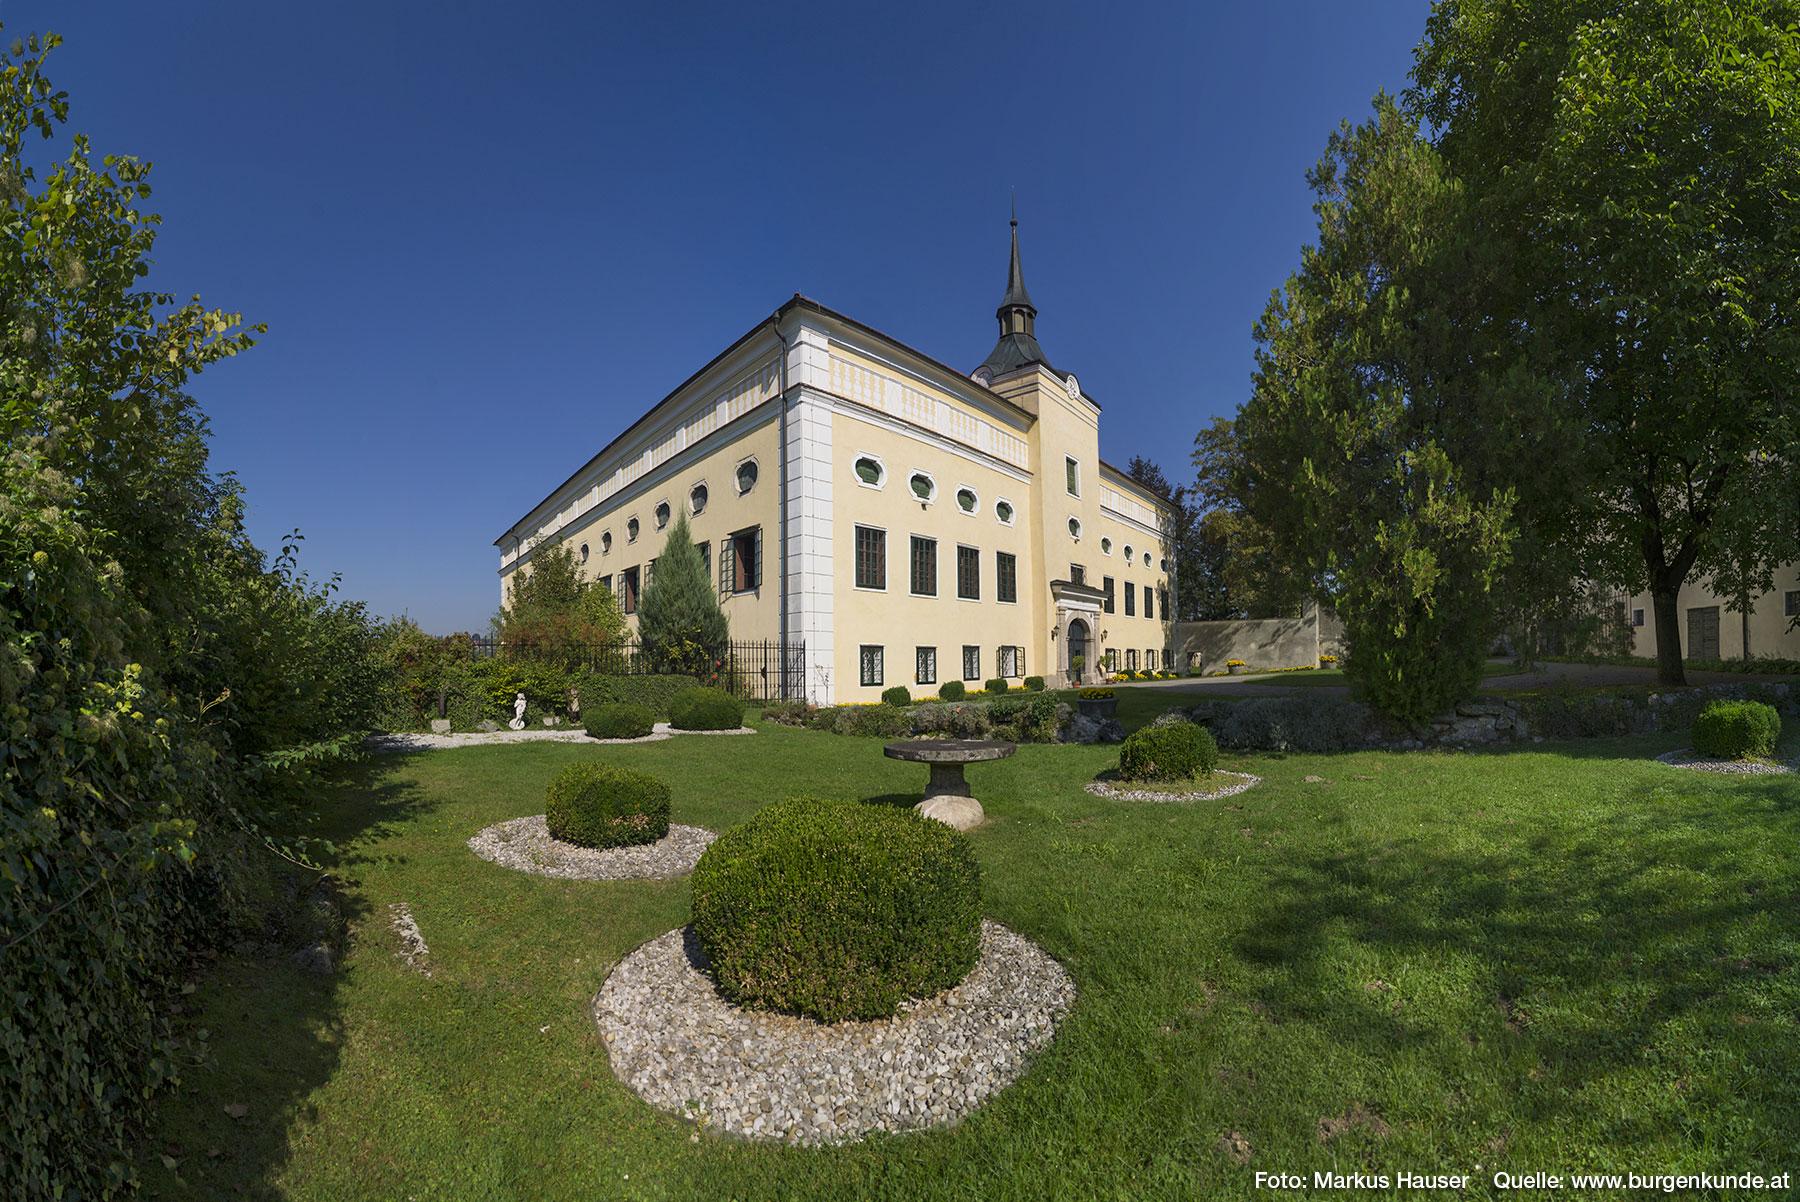 Dieser Bereich des Ziergartens war früher das Erdgeschoß des Traktes, der an das Schloss angebaut wurde.